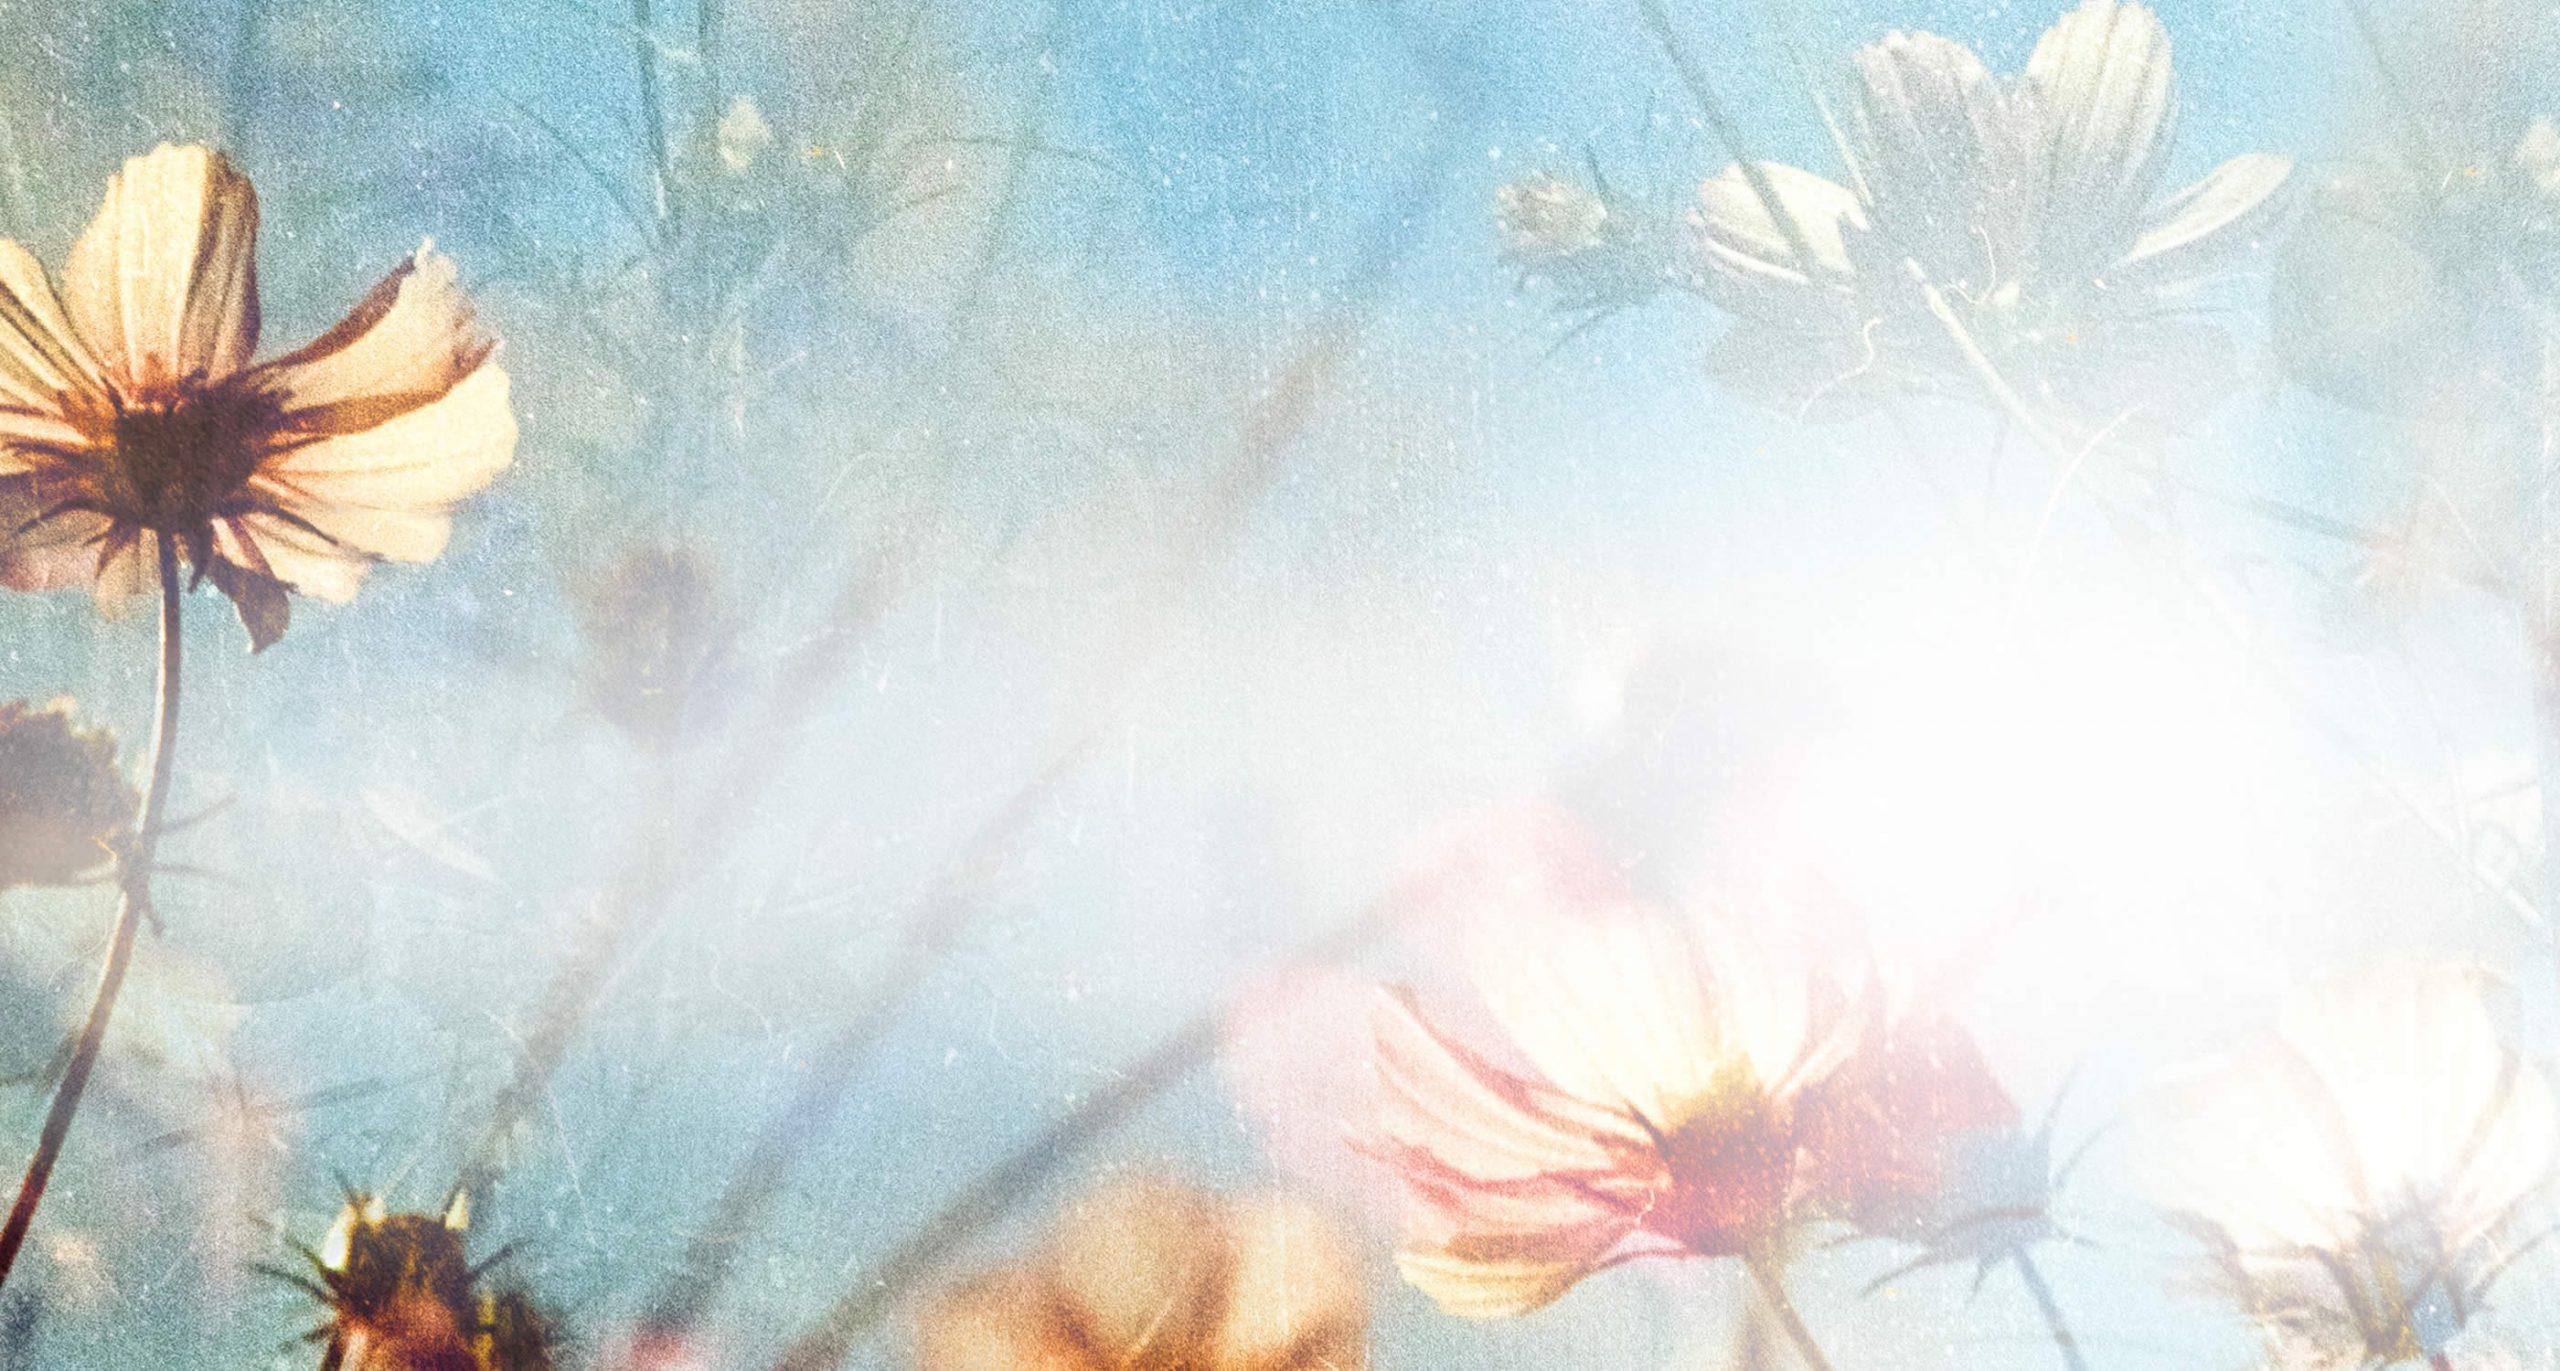 spray-aromas-organic-flower-essence-natures-wish